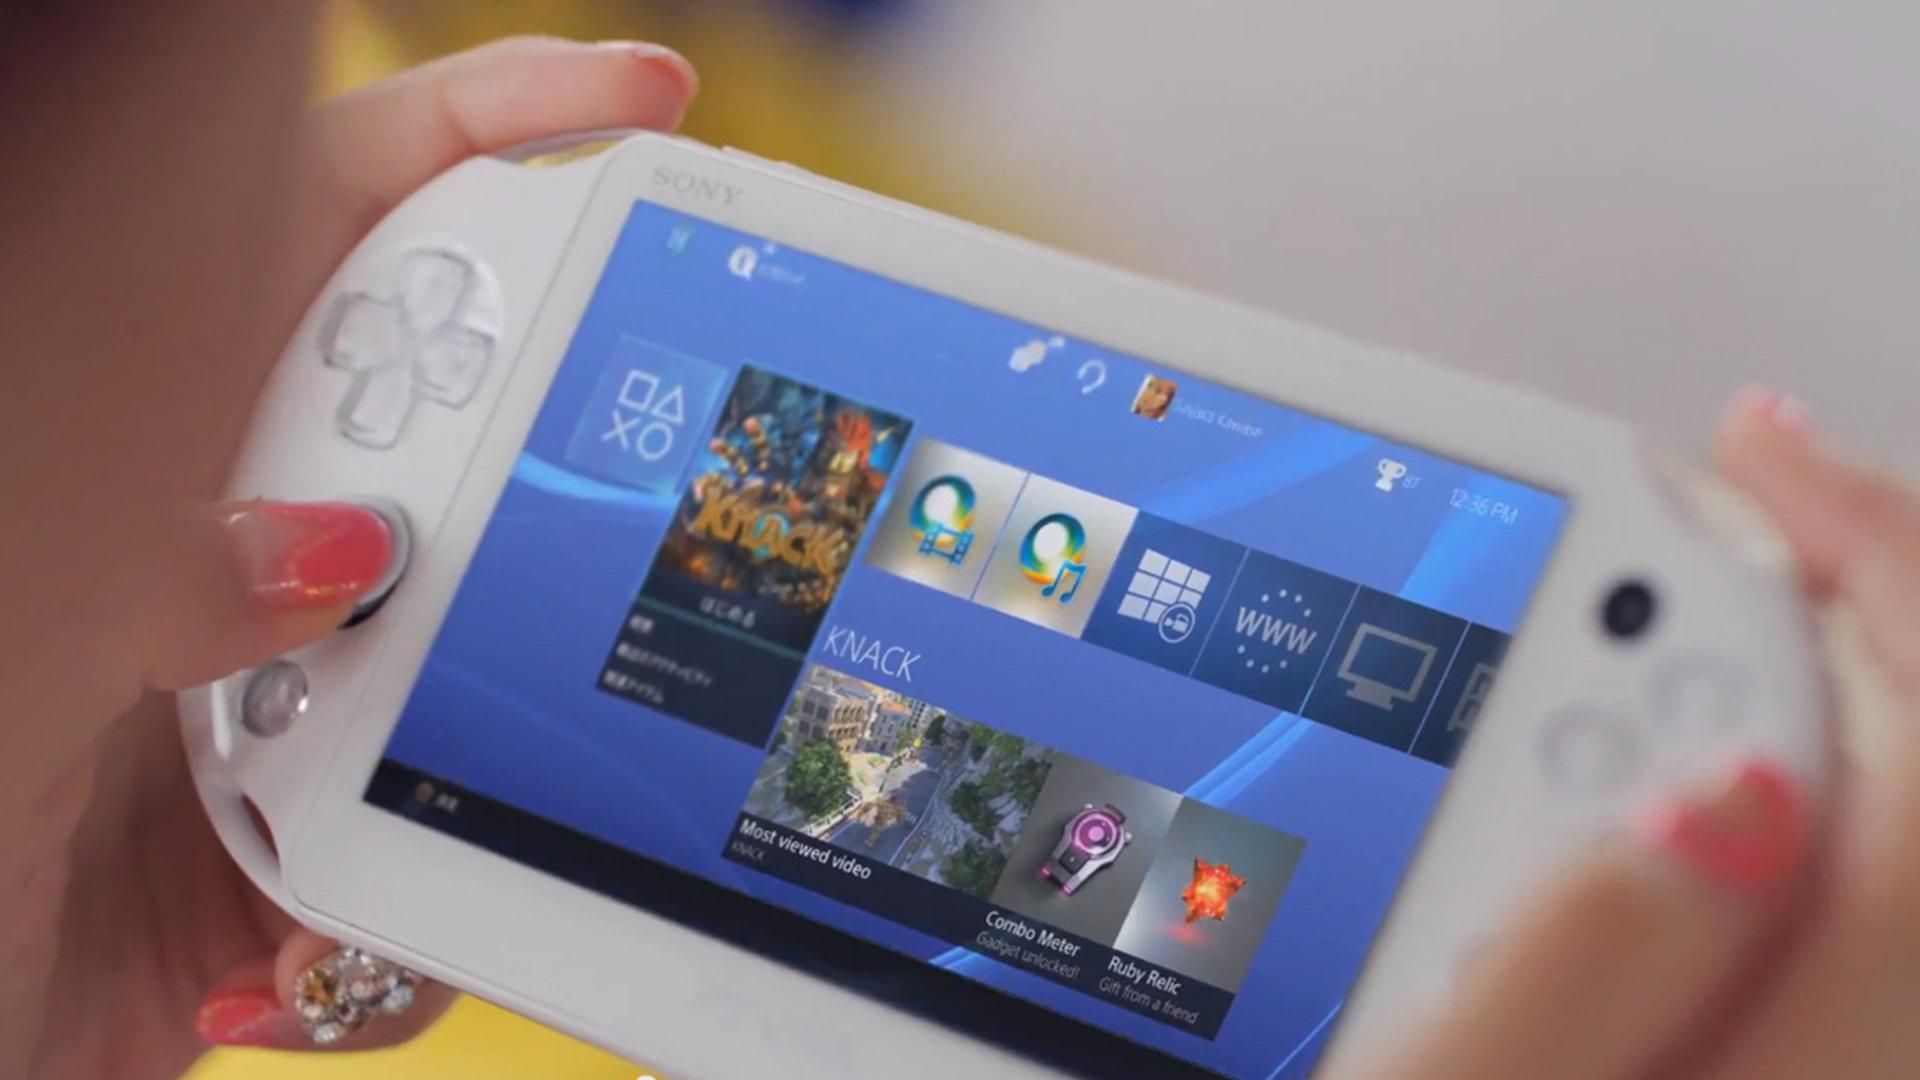 PS Vita PS4 App